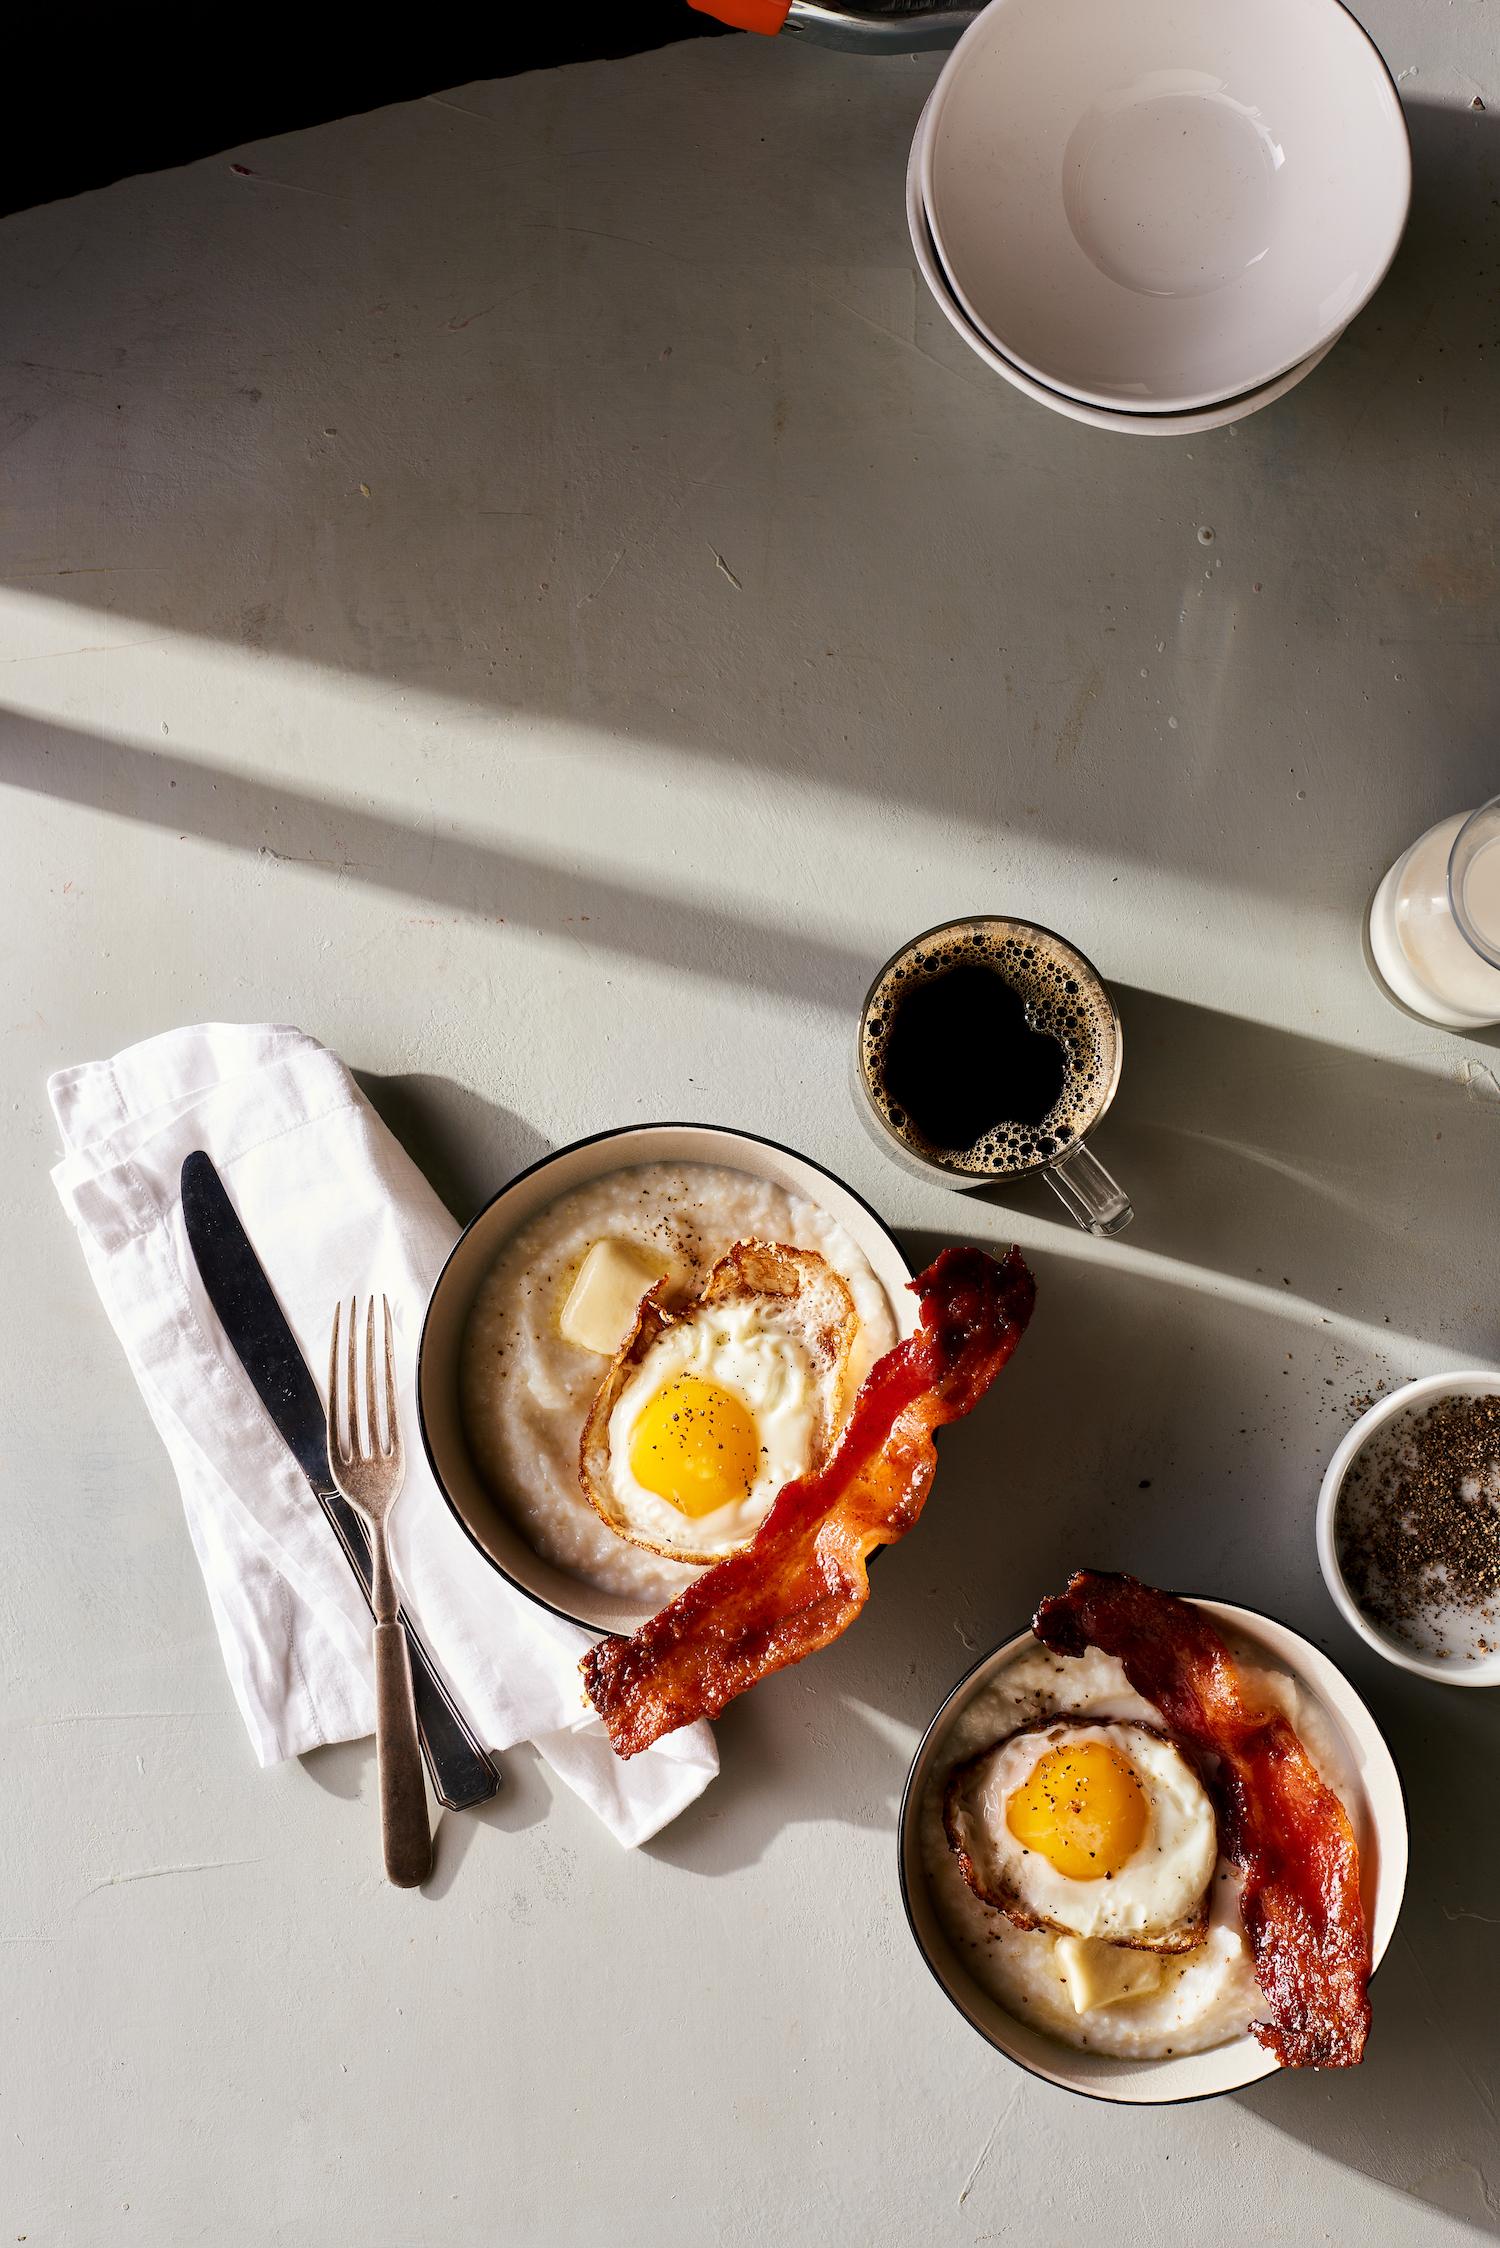 BreakfastGritsWithCandiedBacon_10434 (1).jpg